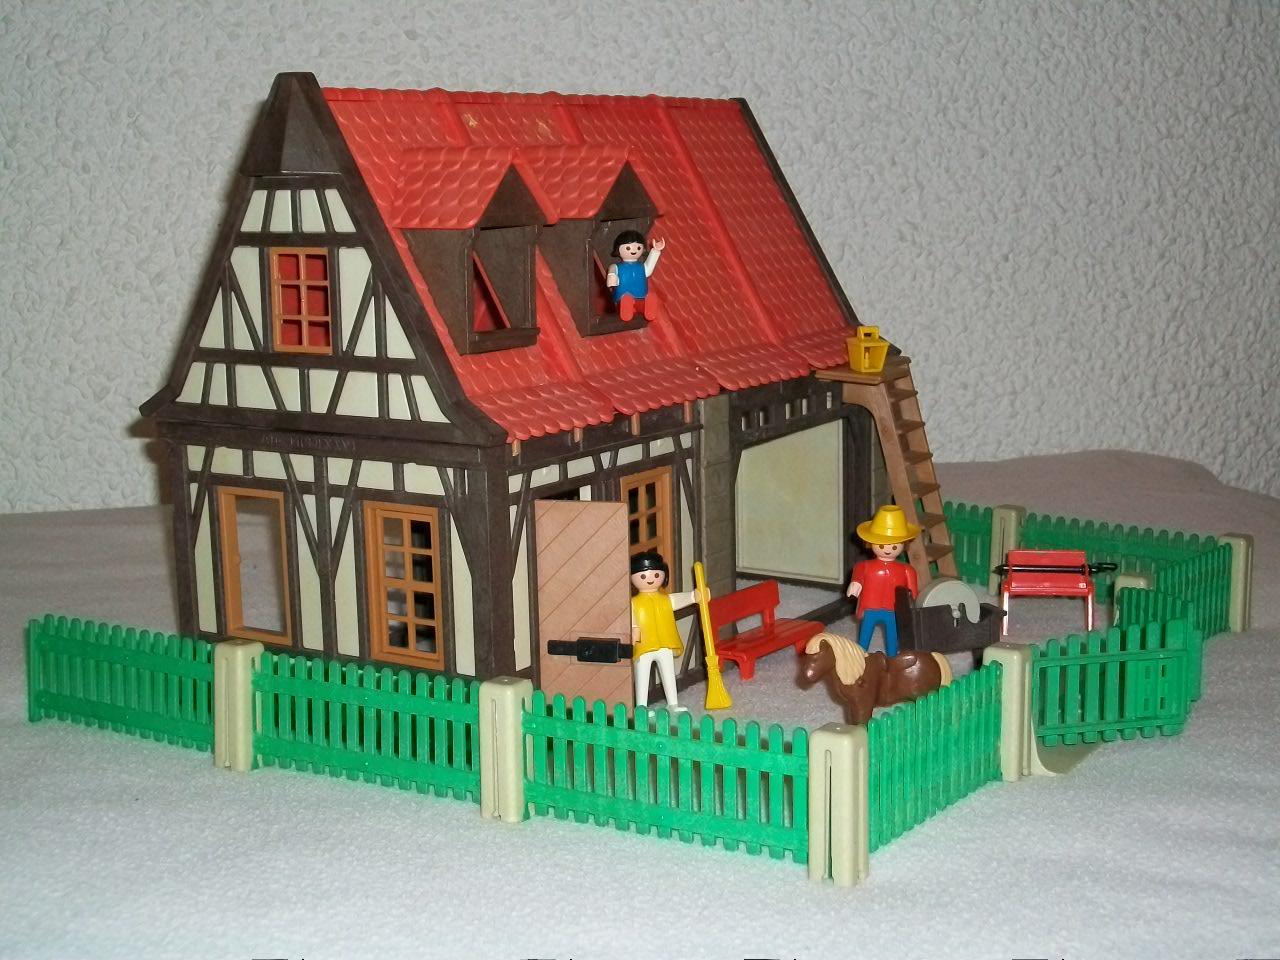 Playmobil granja comprar playmobil en todocoleccion for La granja de playmobil precio